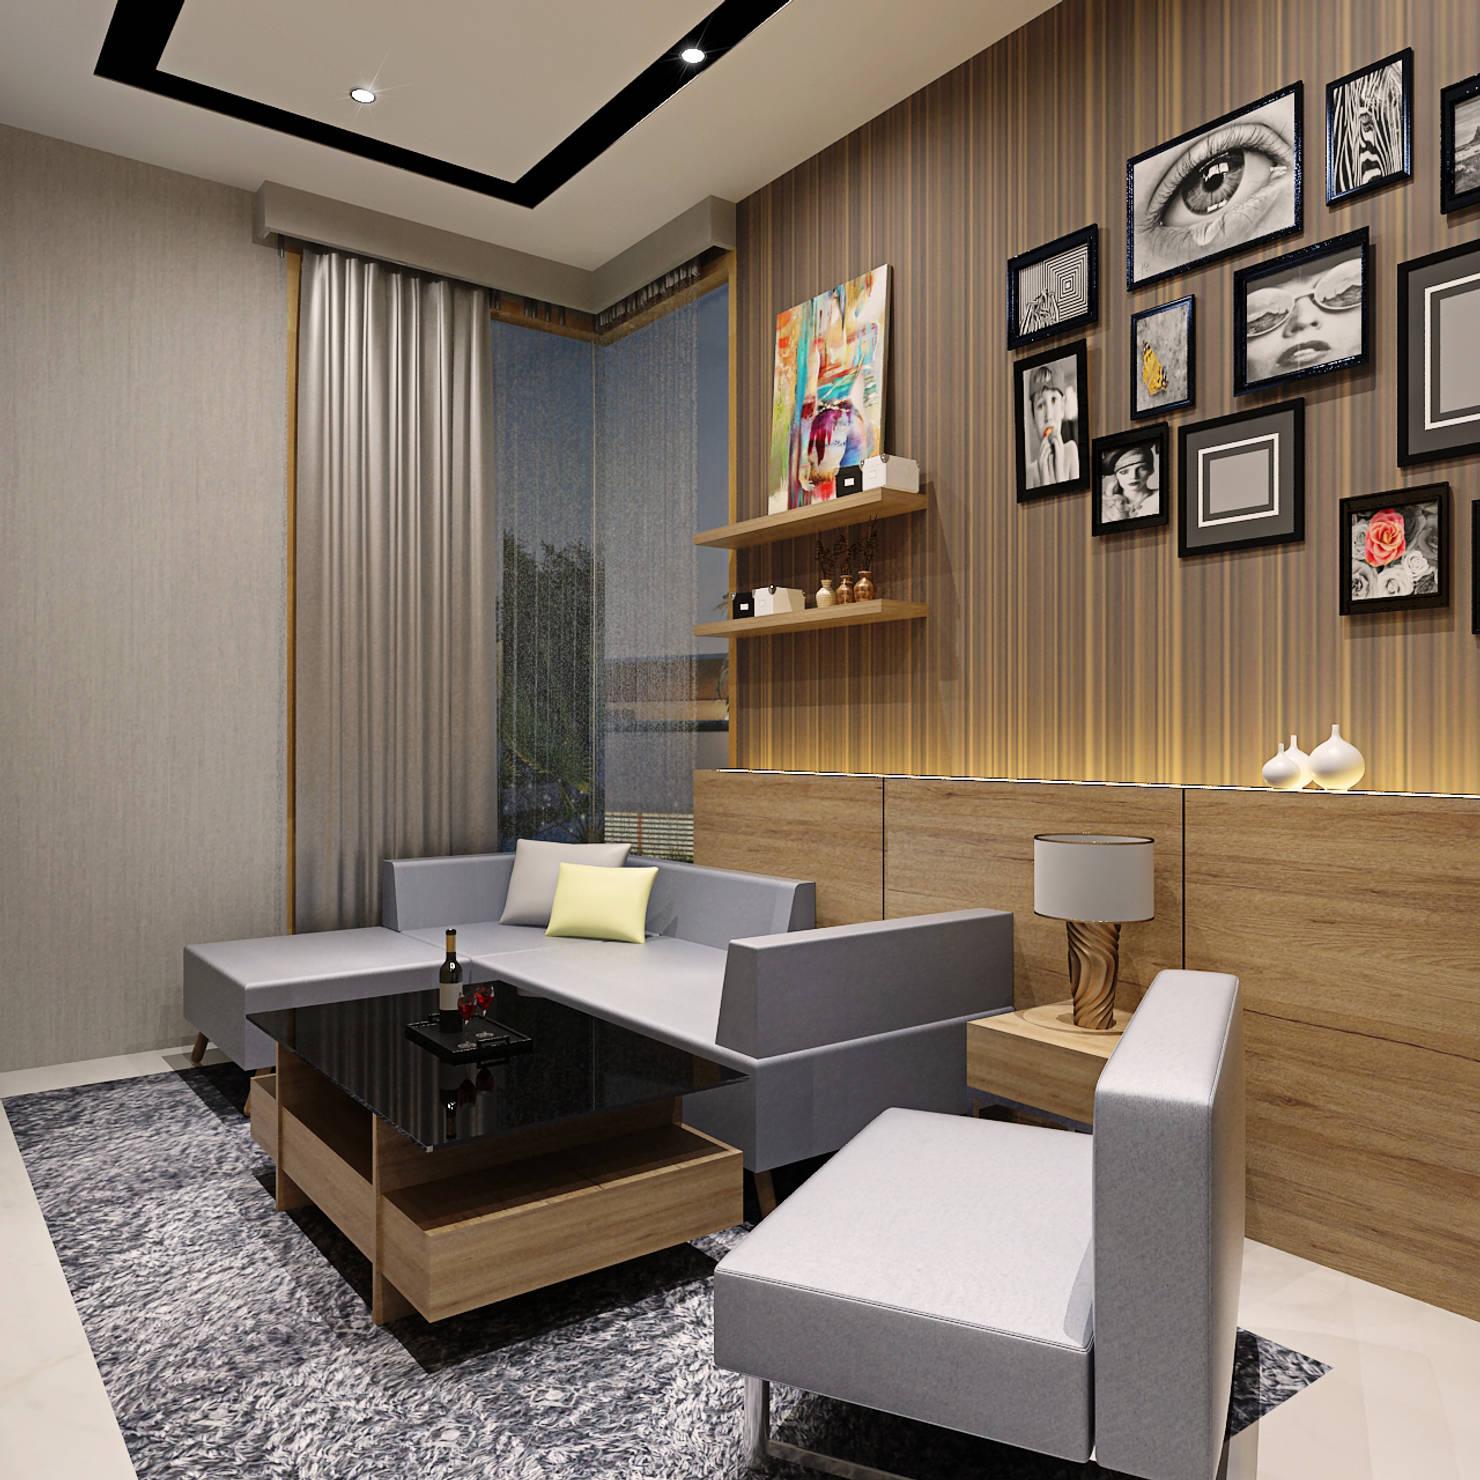 Дизайн интерьера дома в красивых тонах- фотографии